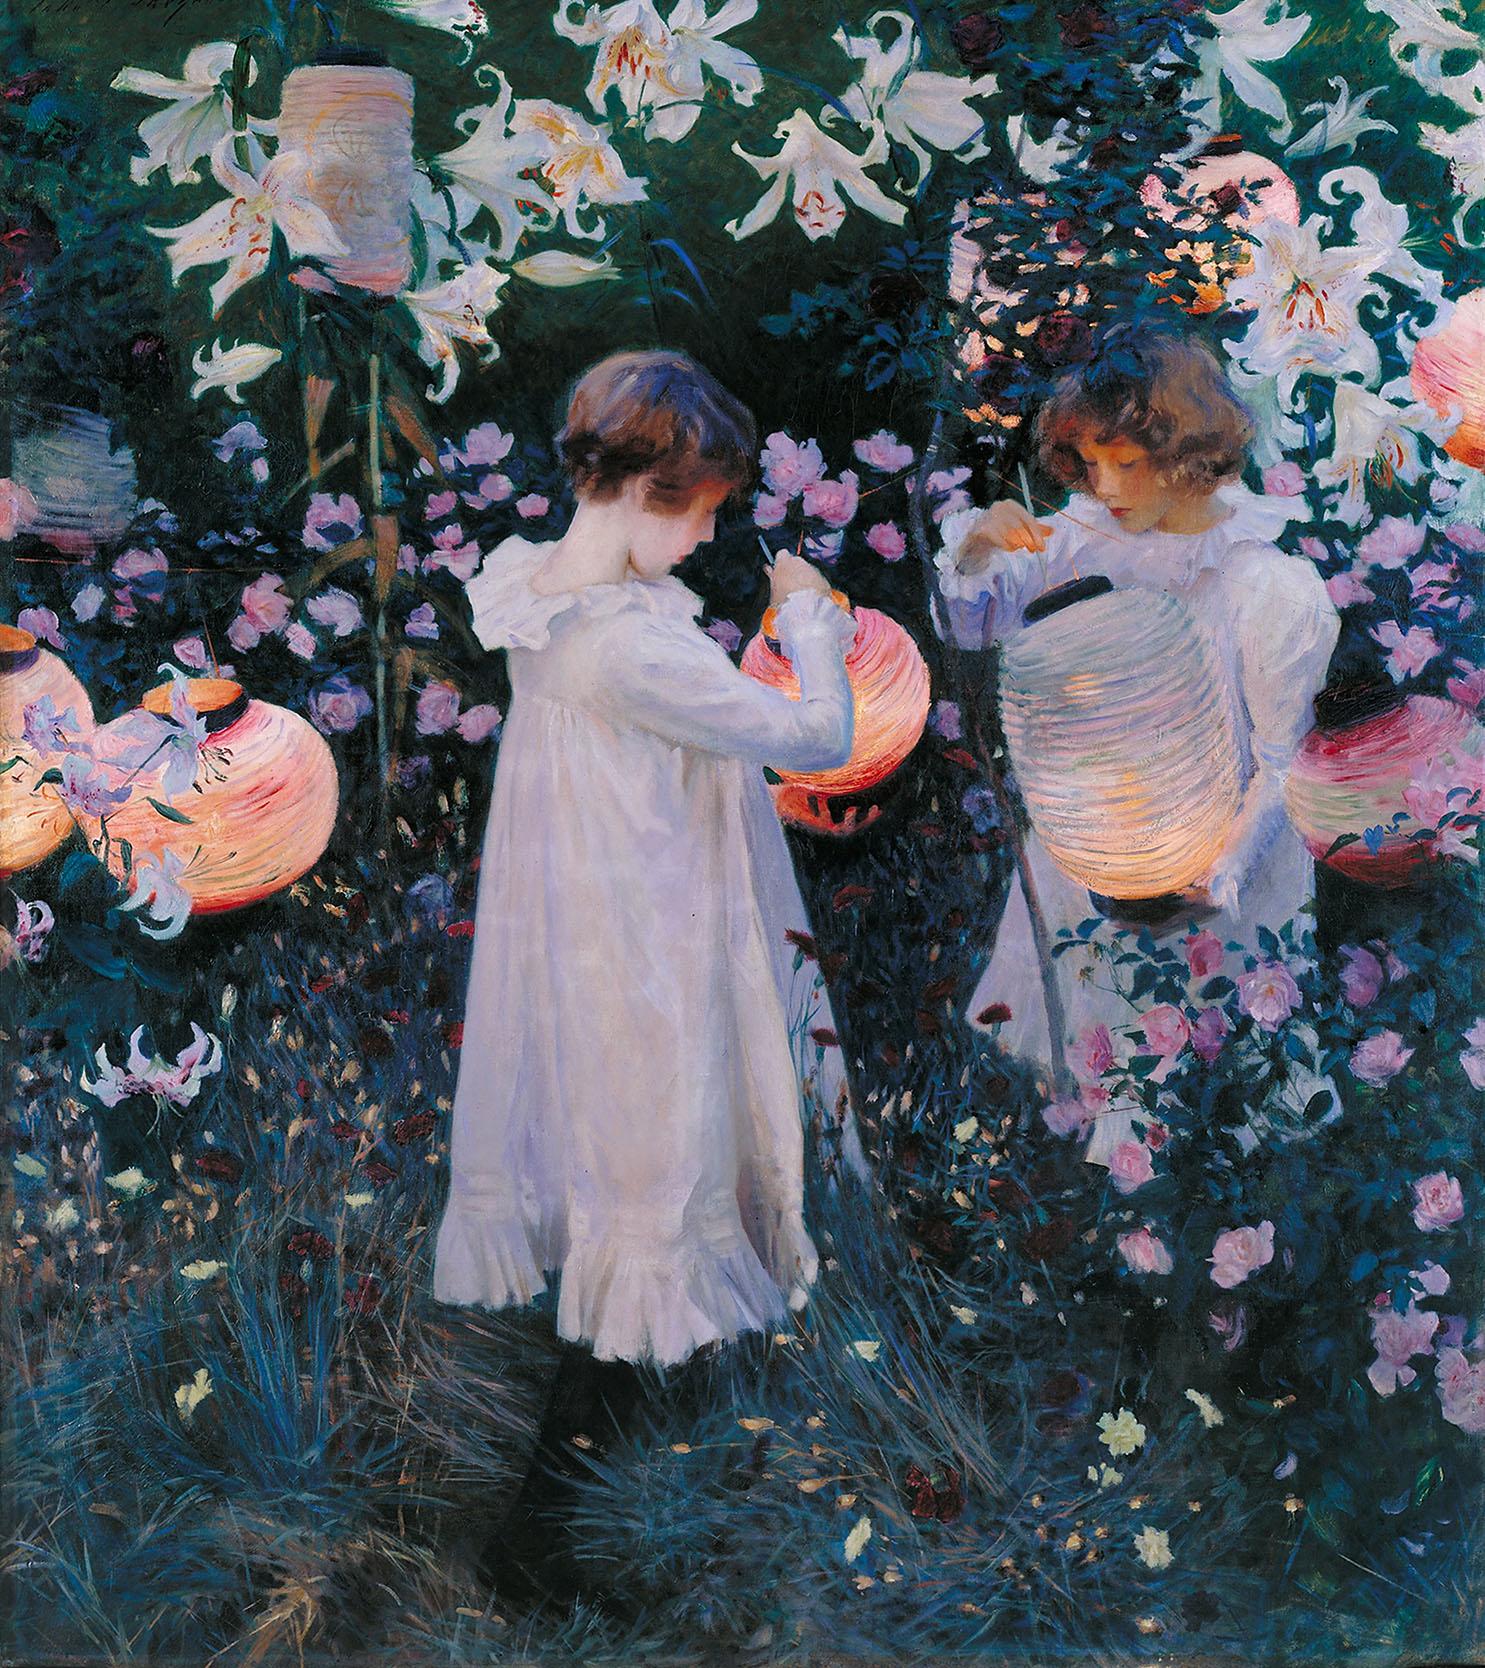 John Singer Sargent - Carnation, Lily, Lily, Rose.jpg